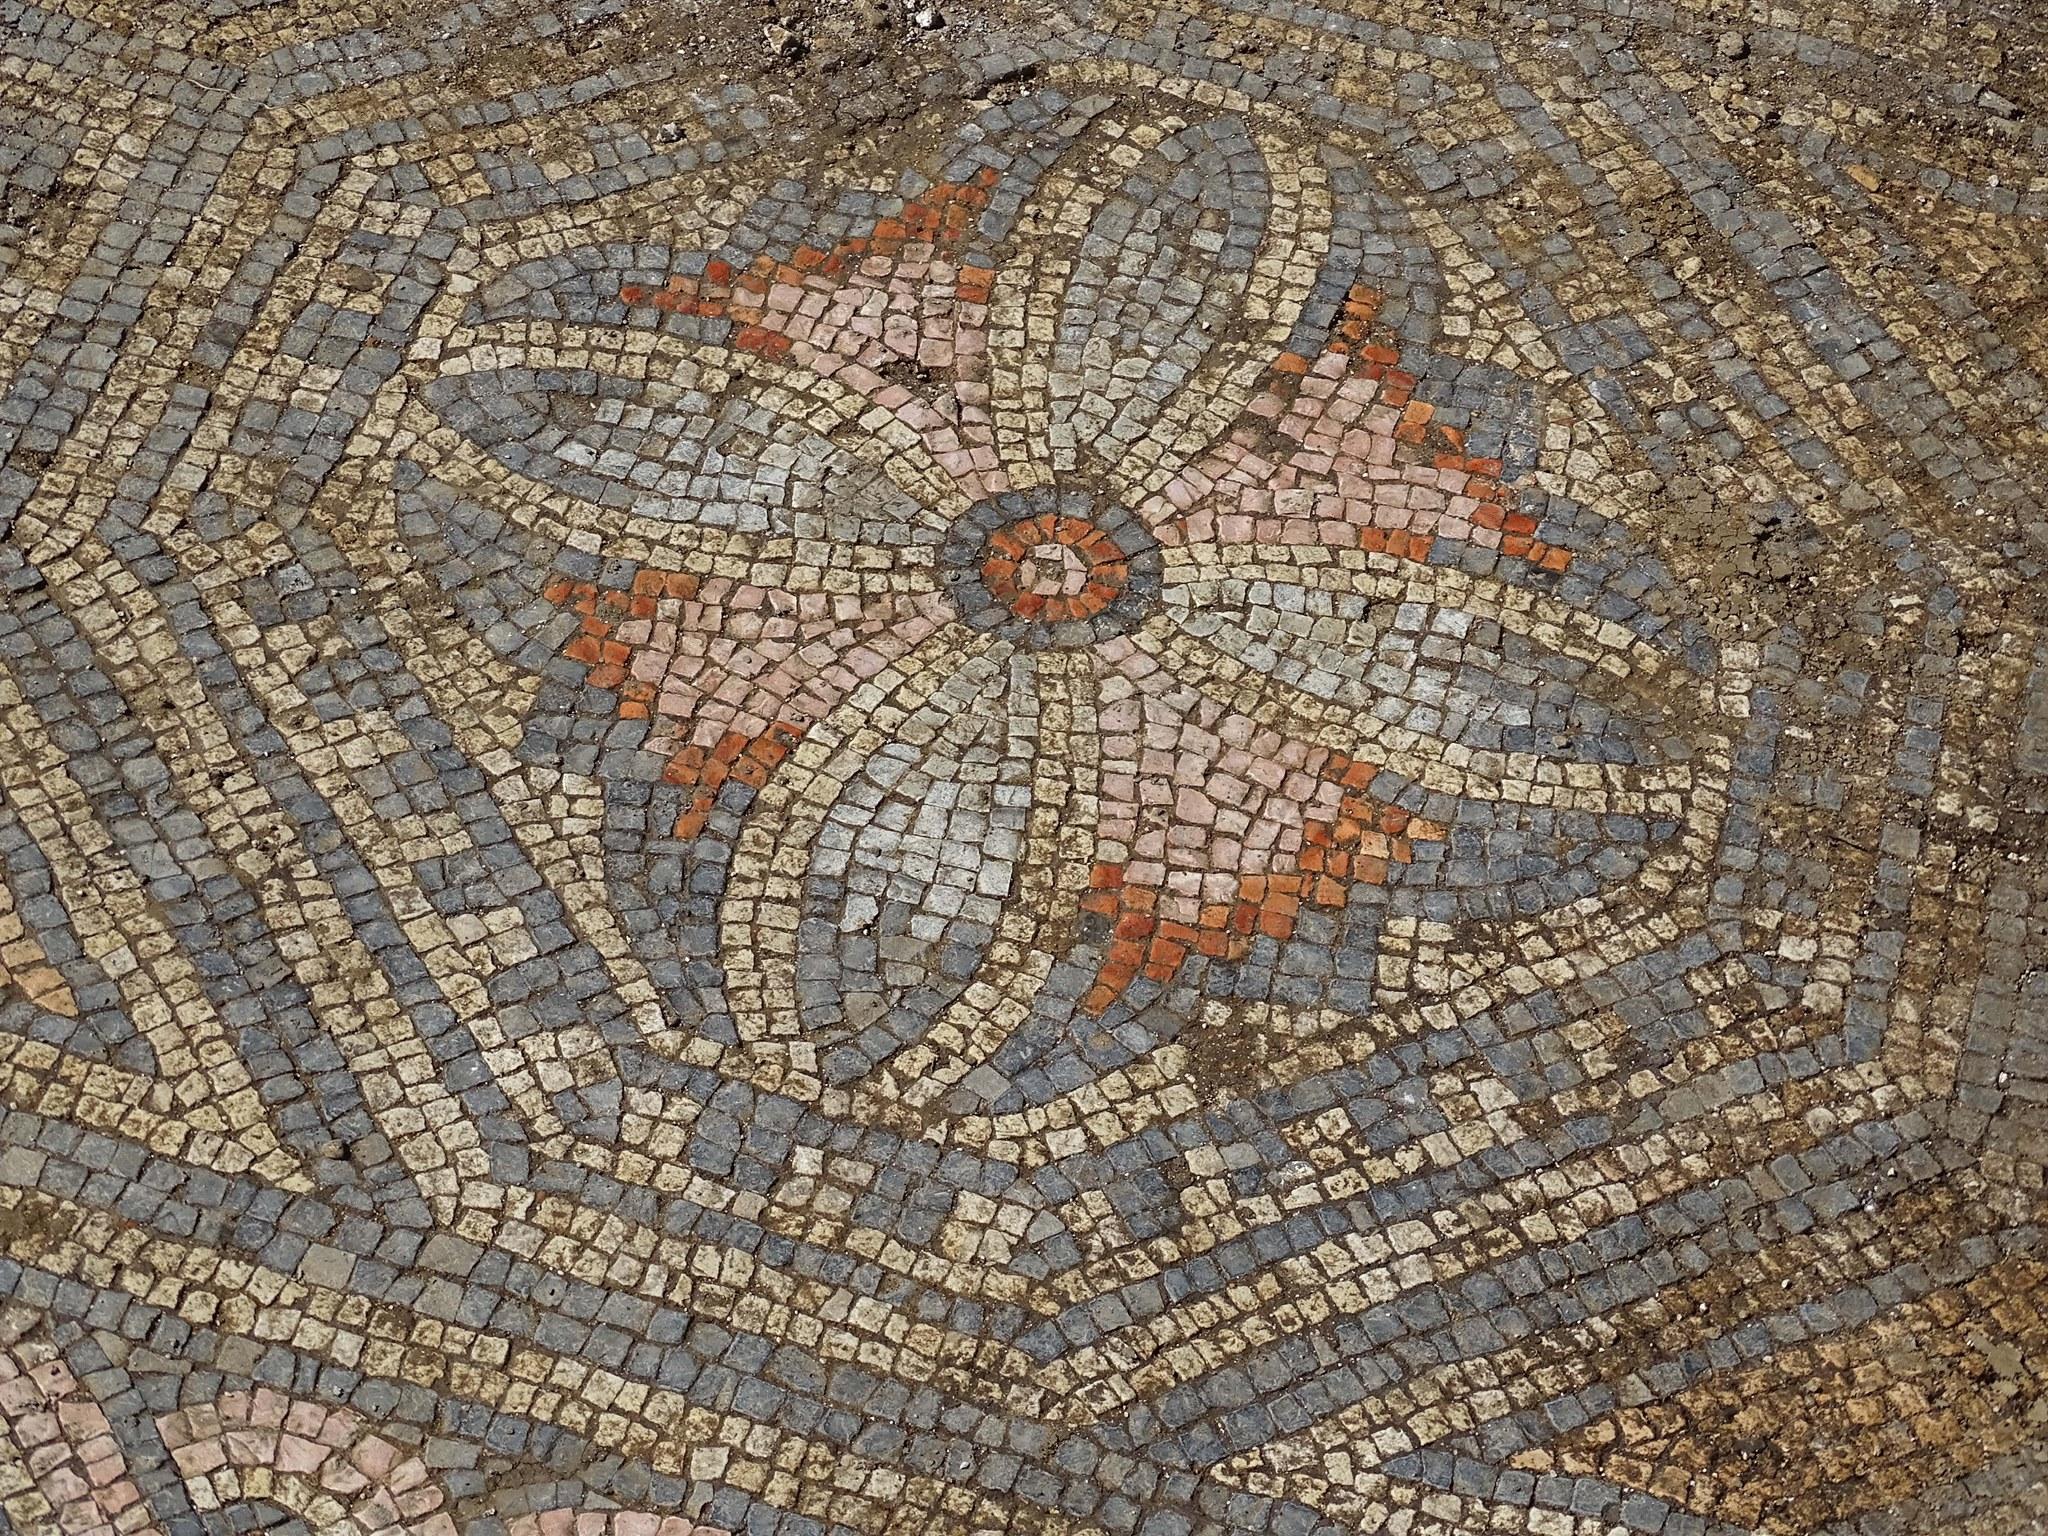 negrar_villa-romana-dei-mosaici_mosaico-pavimentale-2_foto-comune-di-negrar